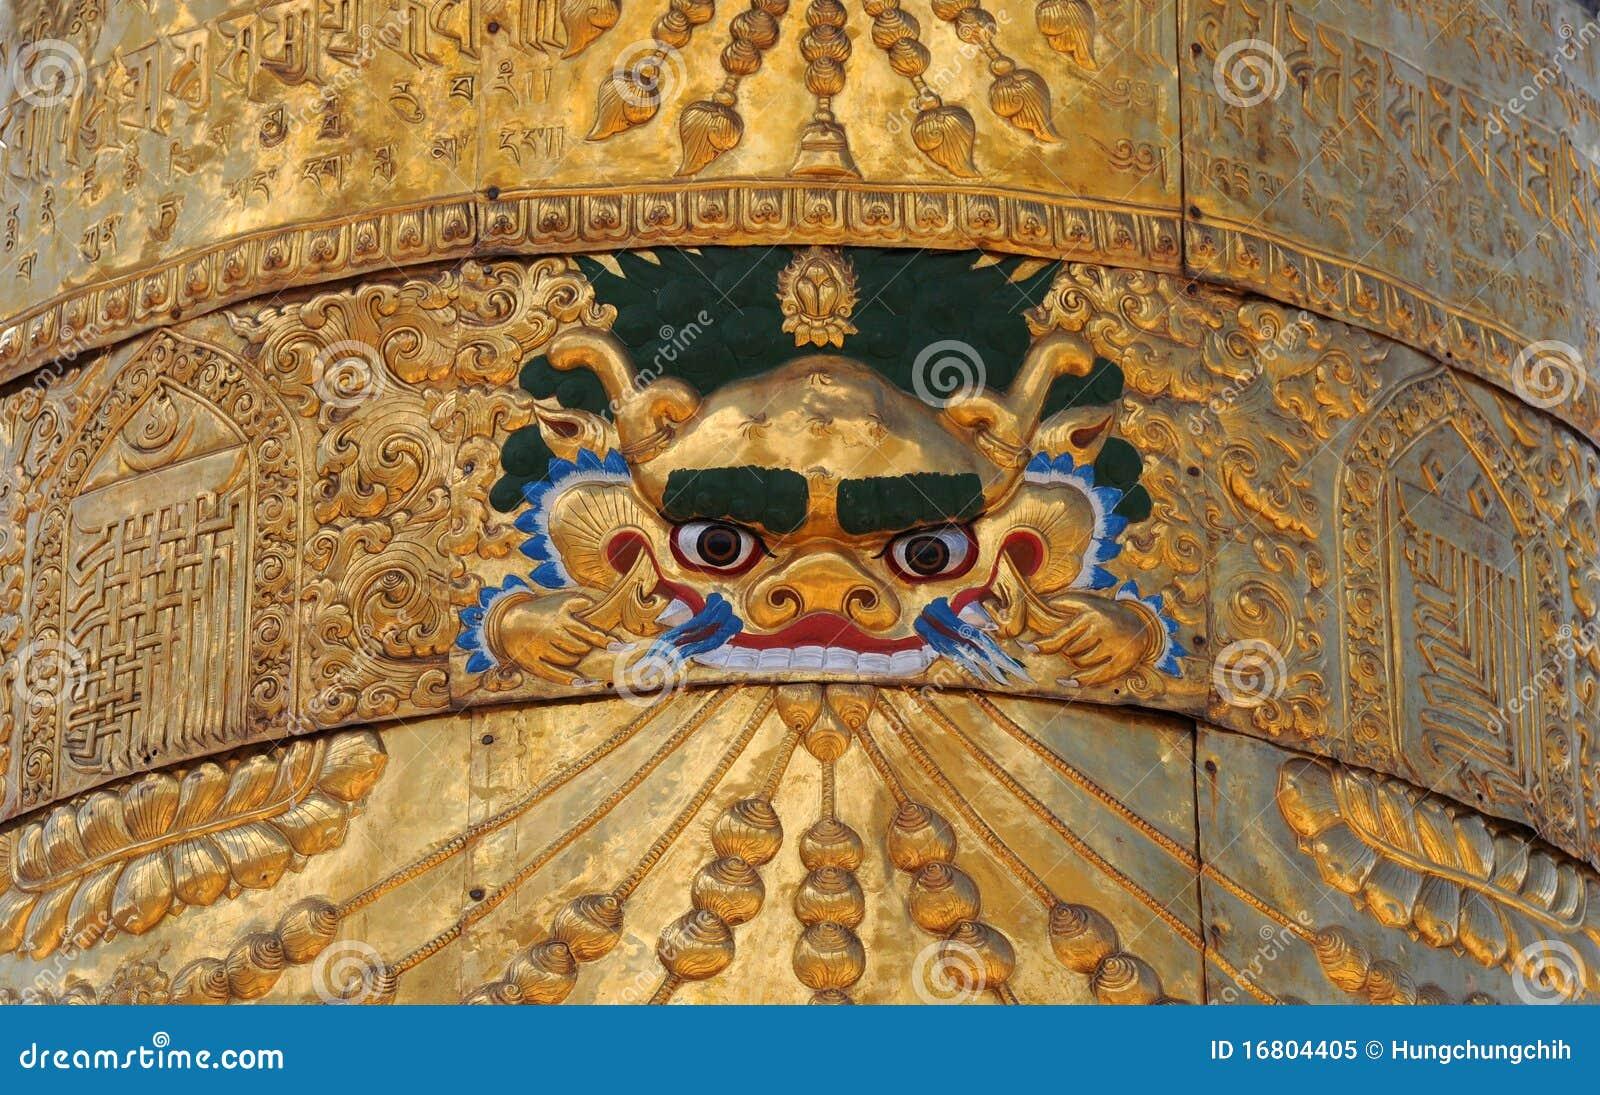 Arte religiosa tibetana